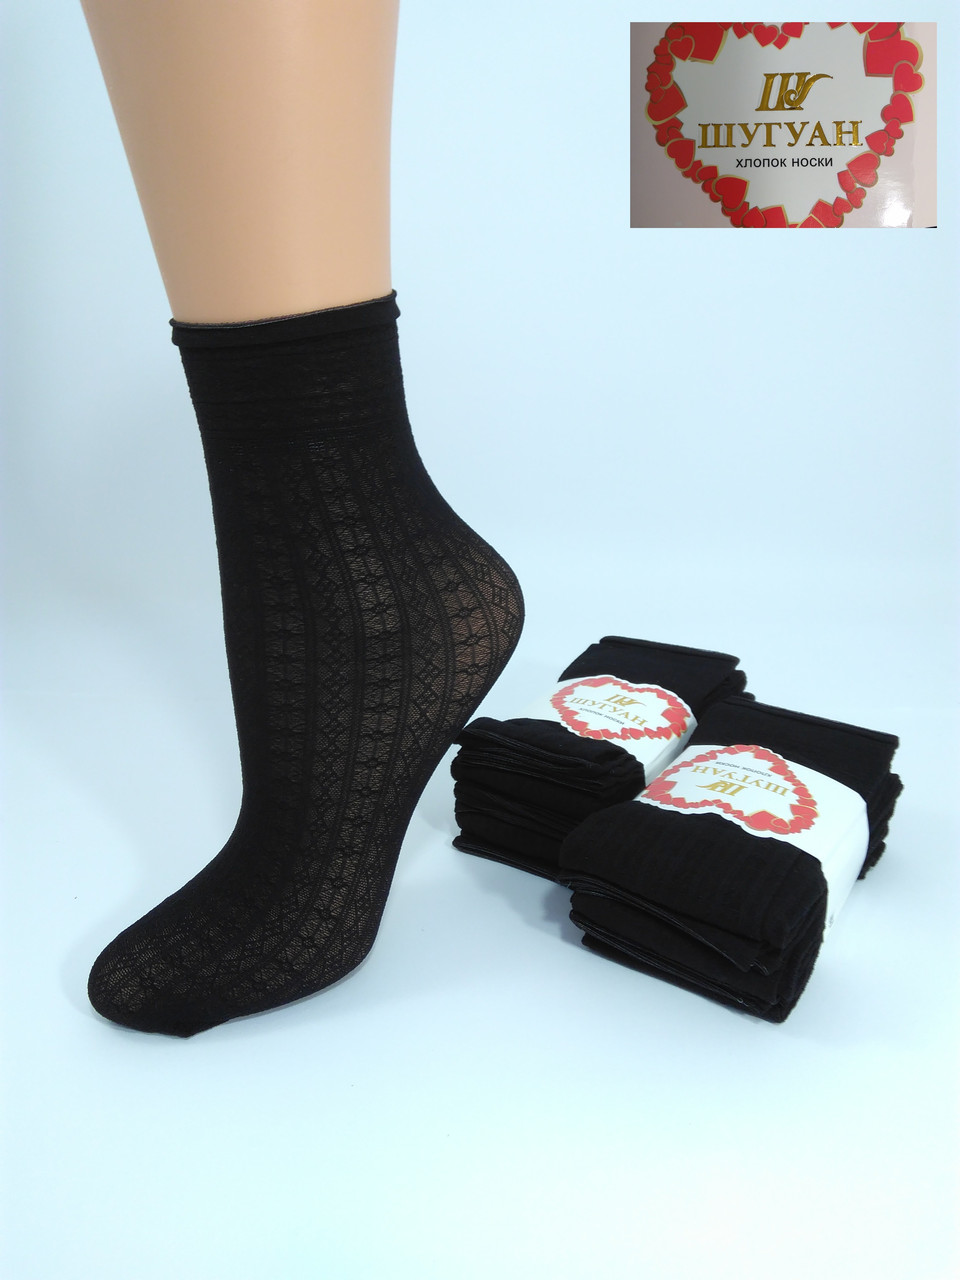 Носки женские капроновые «Шугуан» Черные